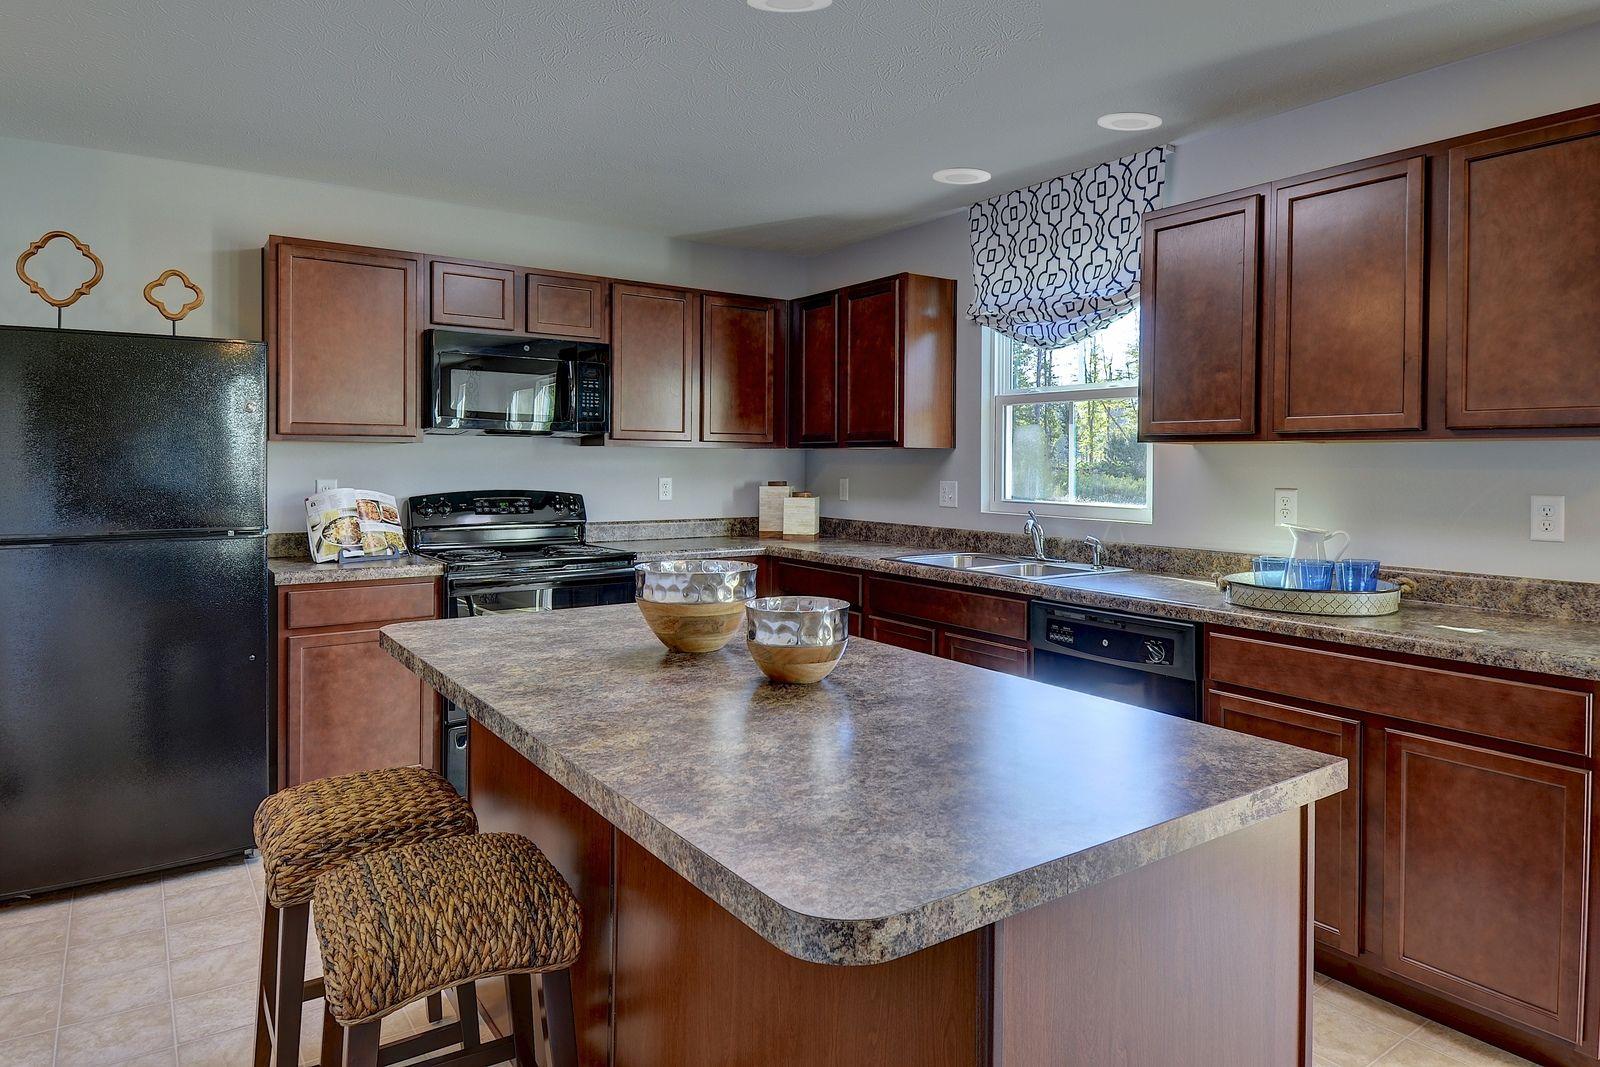 Kitchen-in-Plan 2203-at-Braycen Pines-in-Sicklerville